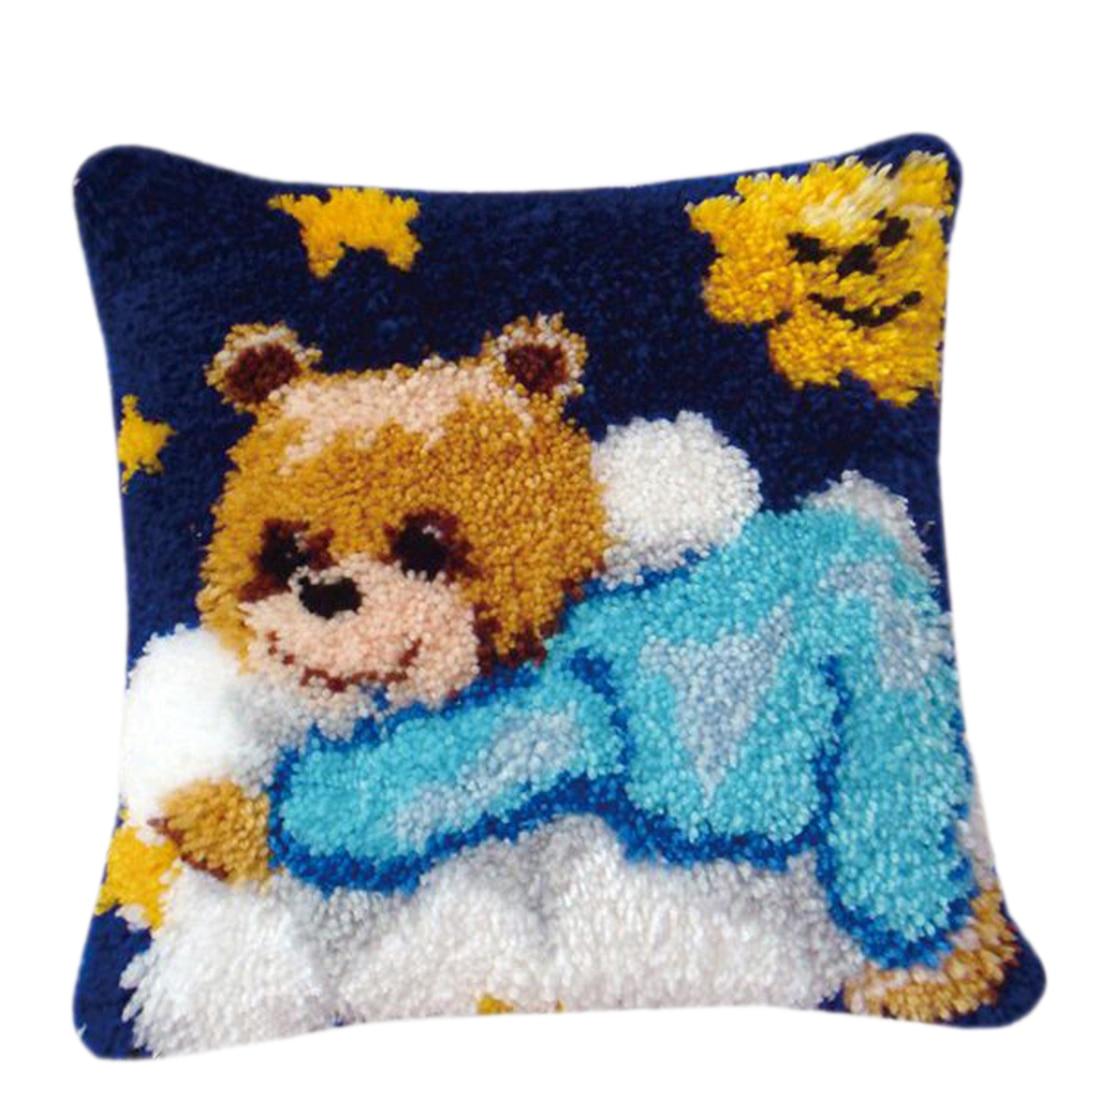 40X40cm DIY juego de aguja de lengüeta alfombra cojín alfombra de ganchillo costura artesanal regalos con tela de rejilla blanca ganchillo gancho-patrón de oso